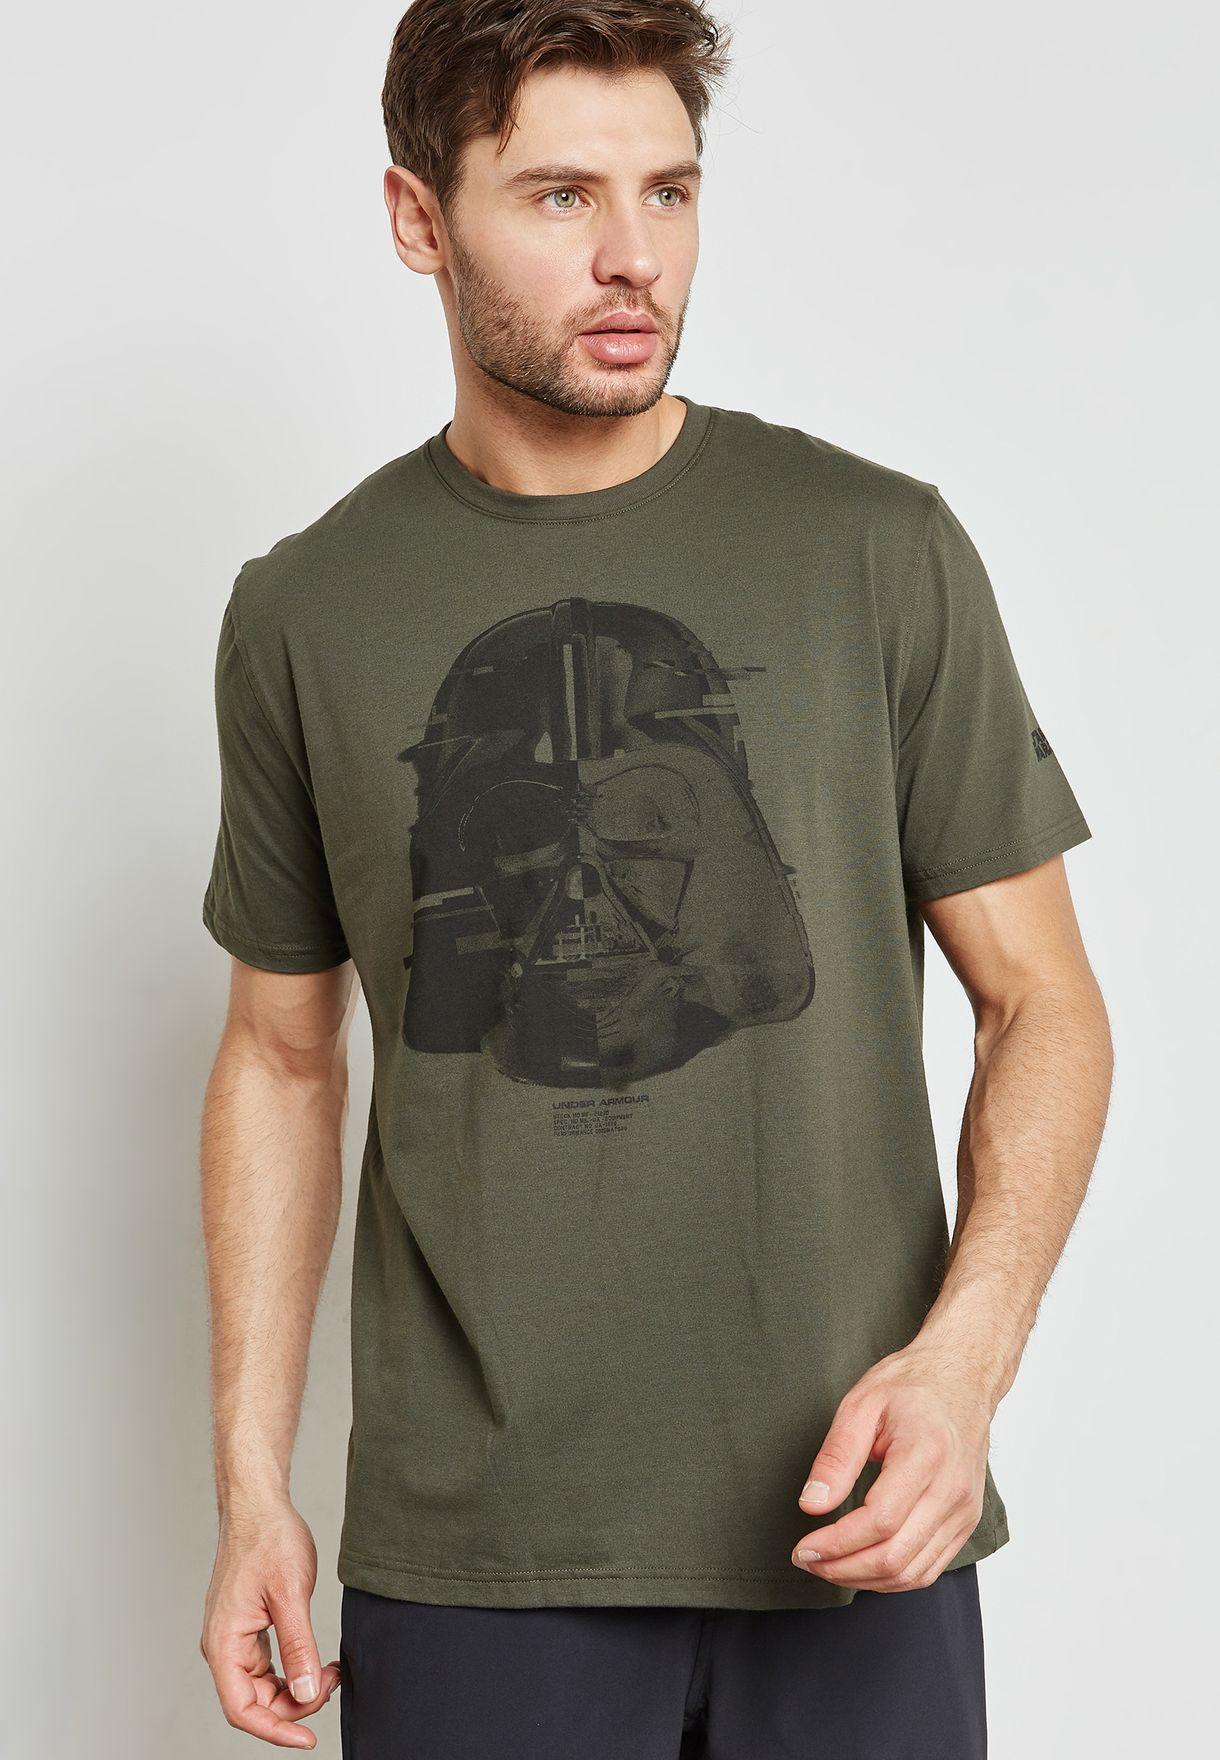 tramo Tiempo de día extinción  darth vader under armour shirt Sale,up to 61% Discounts